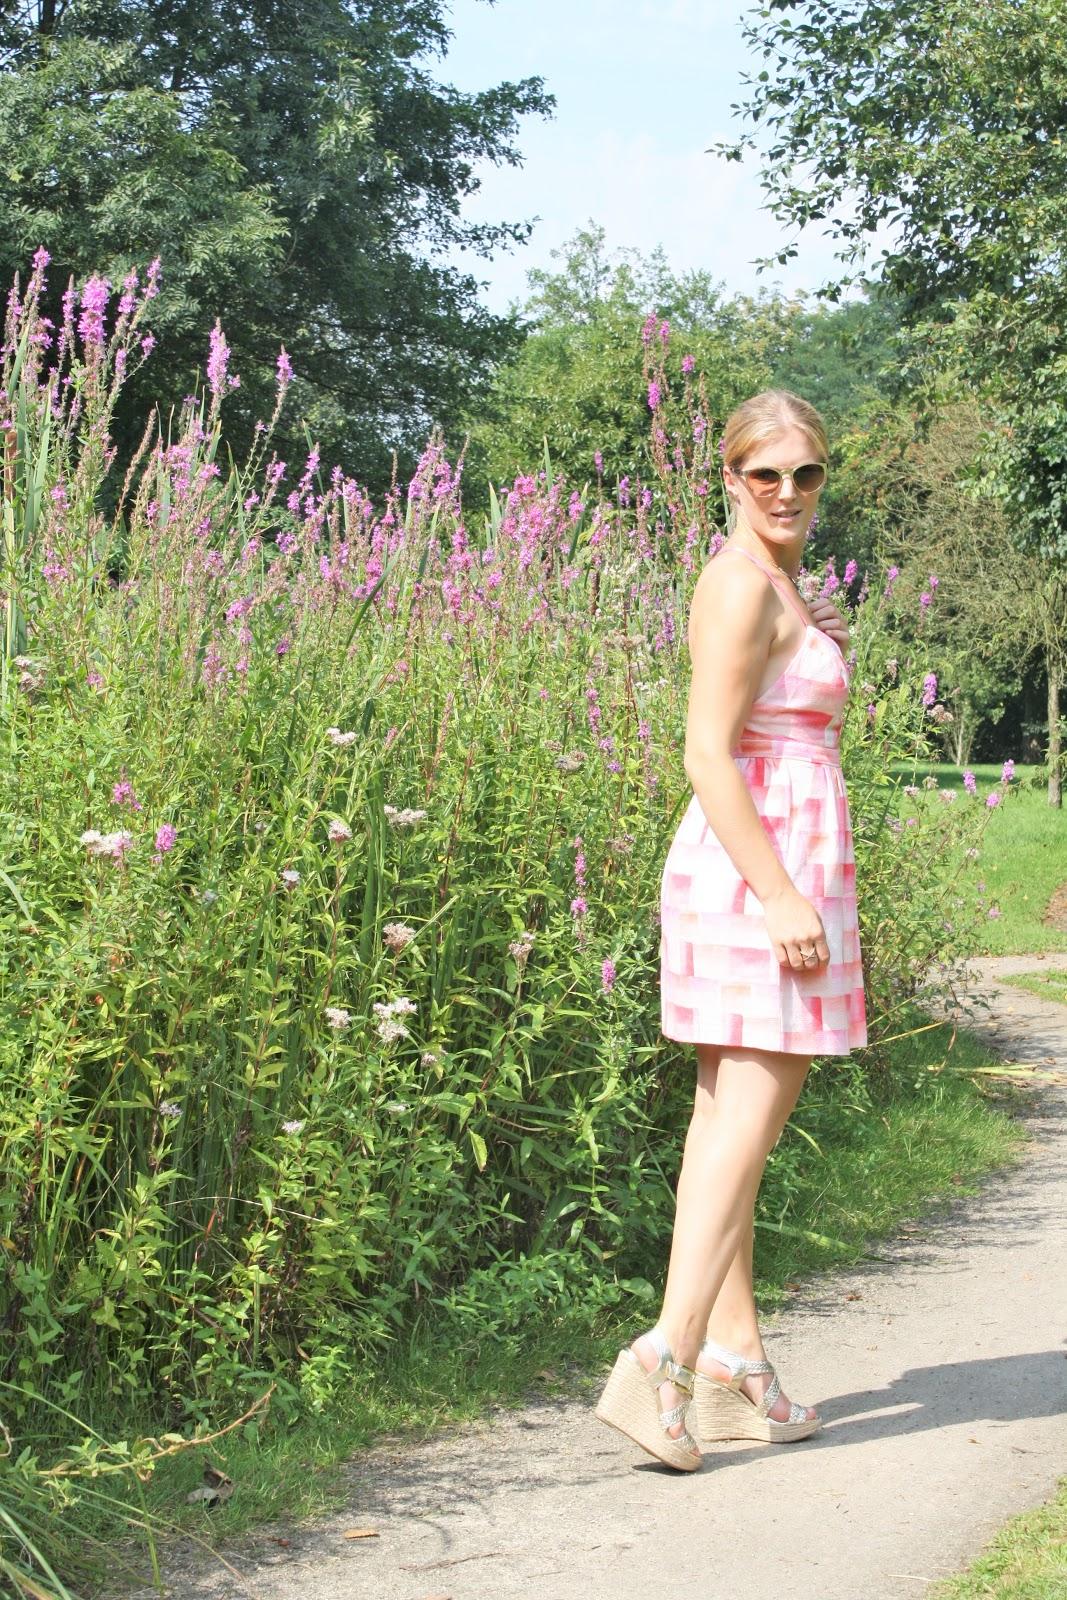 IMG 0820 | Eline Van Dingenen